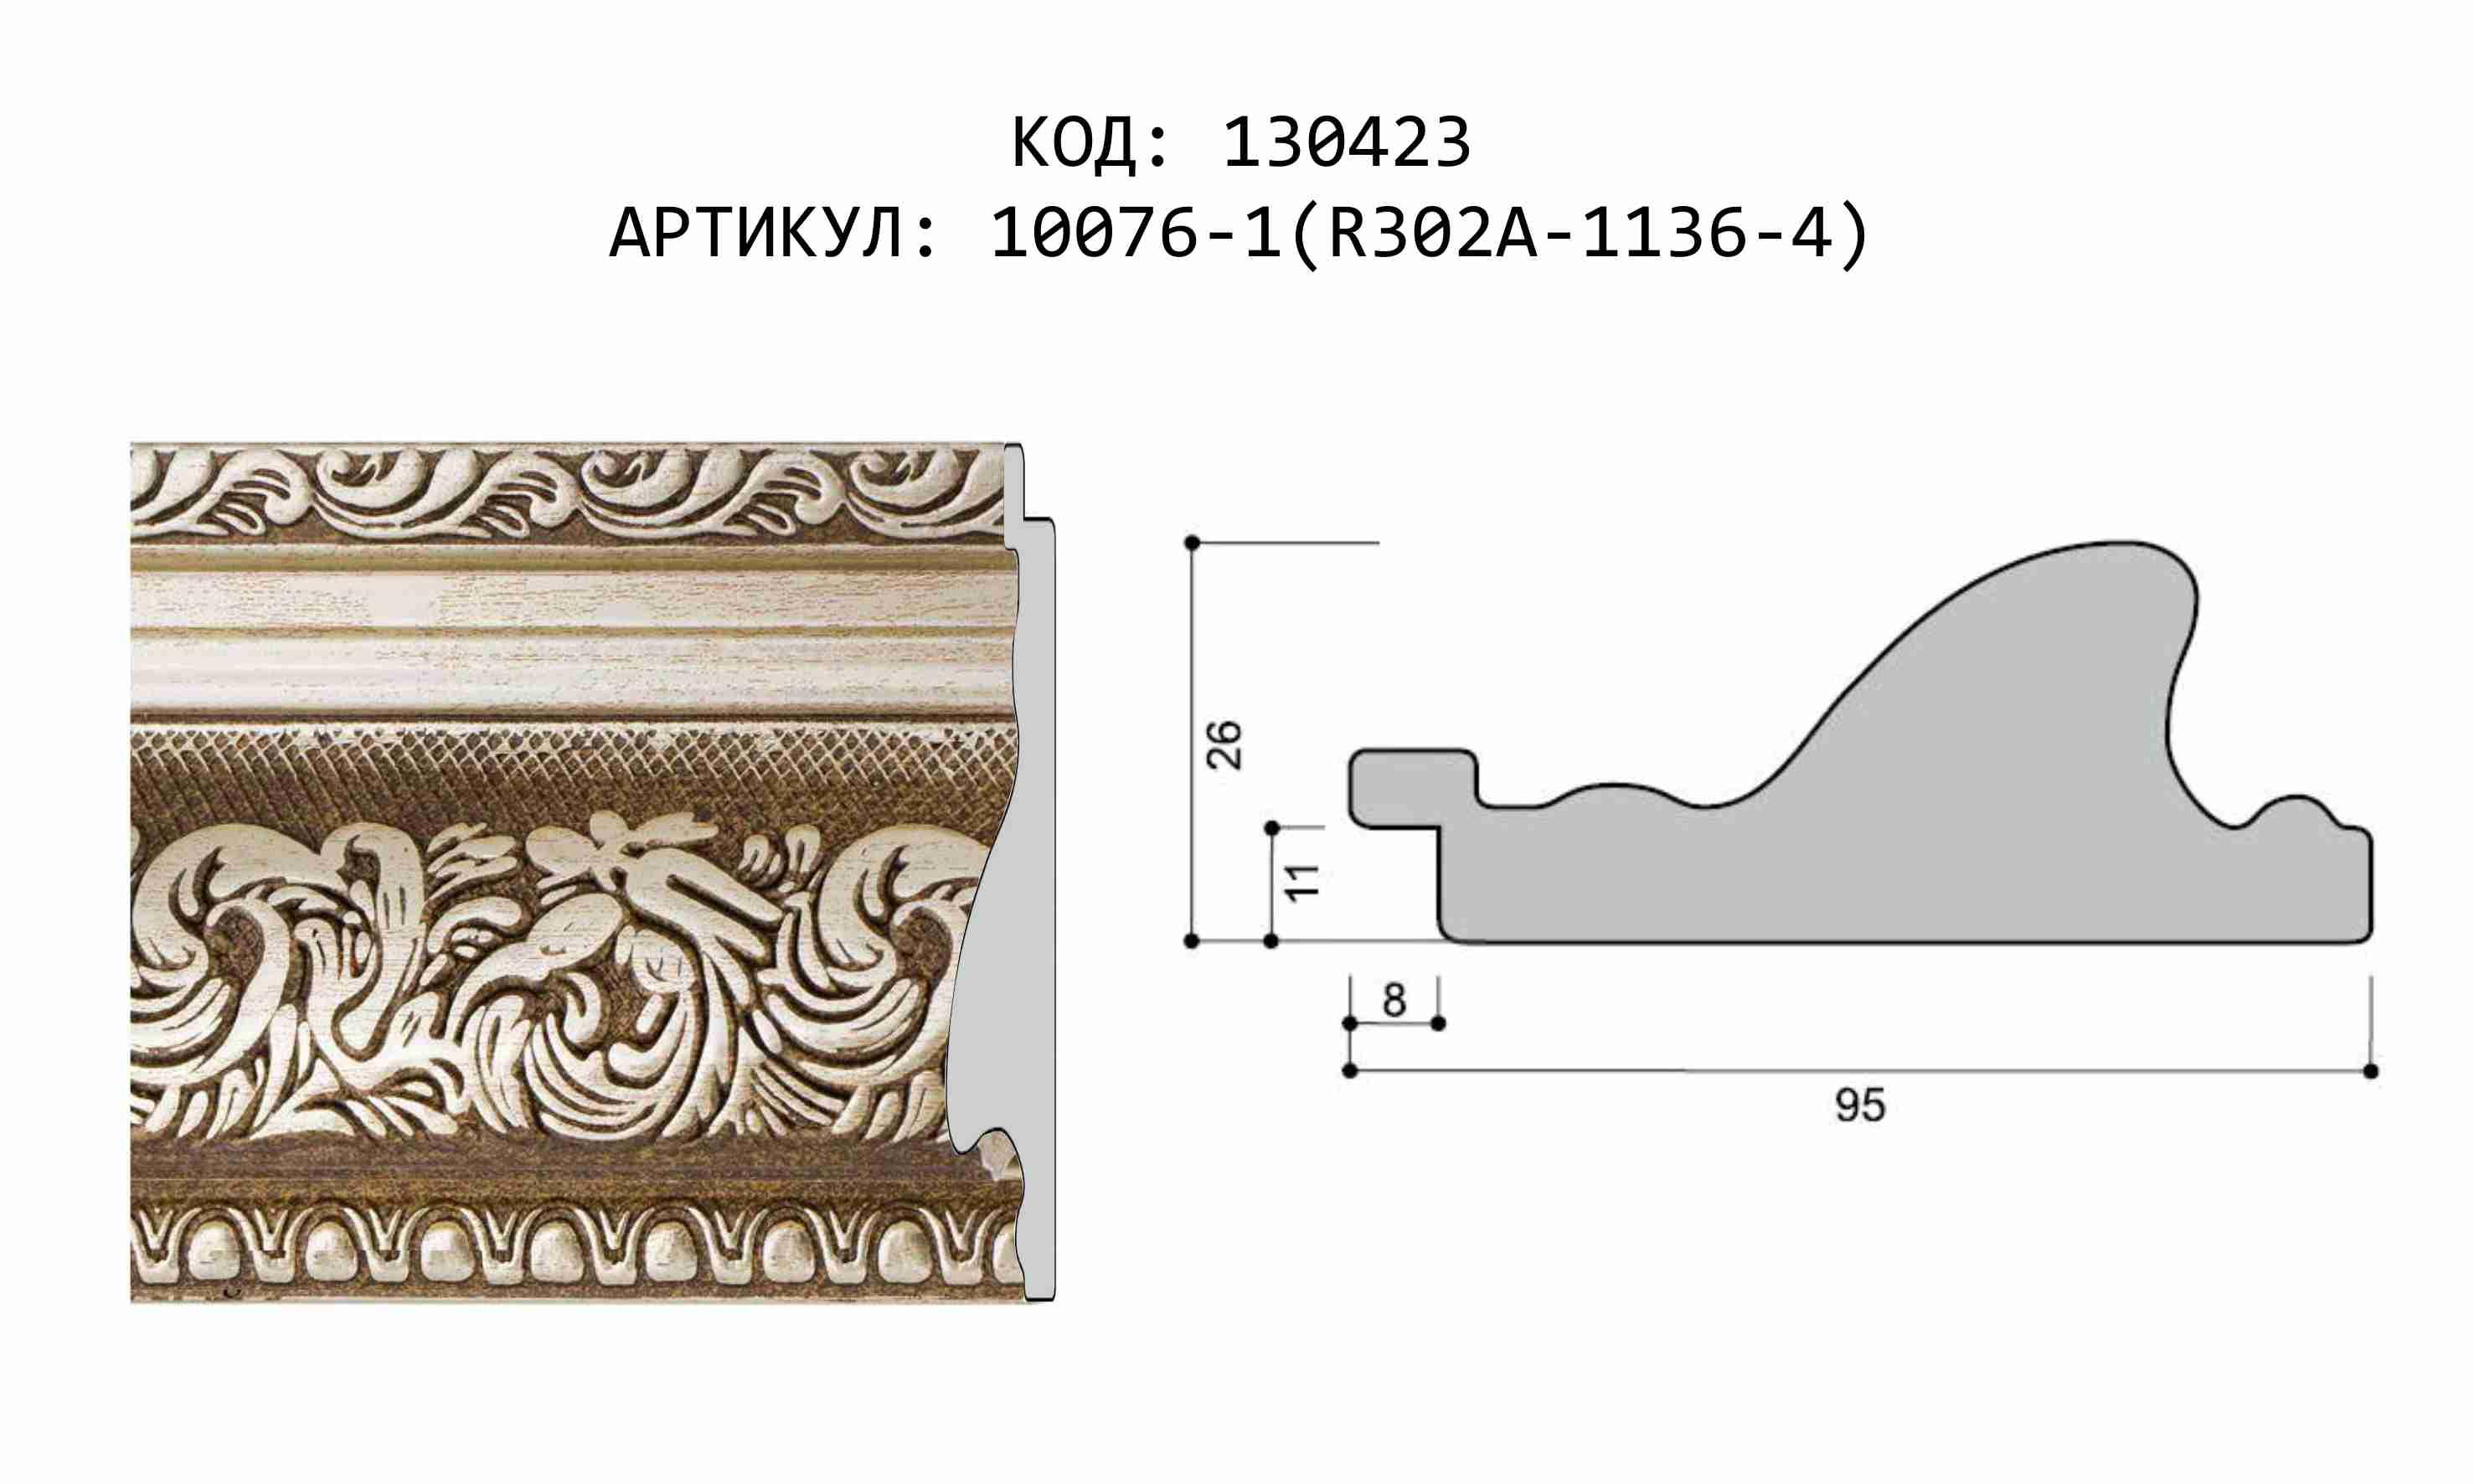 Артикул: 10076-1(R302A-1136-4)